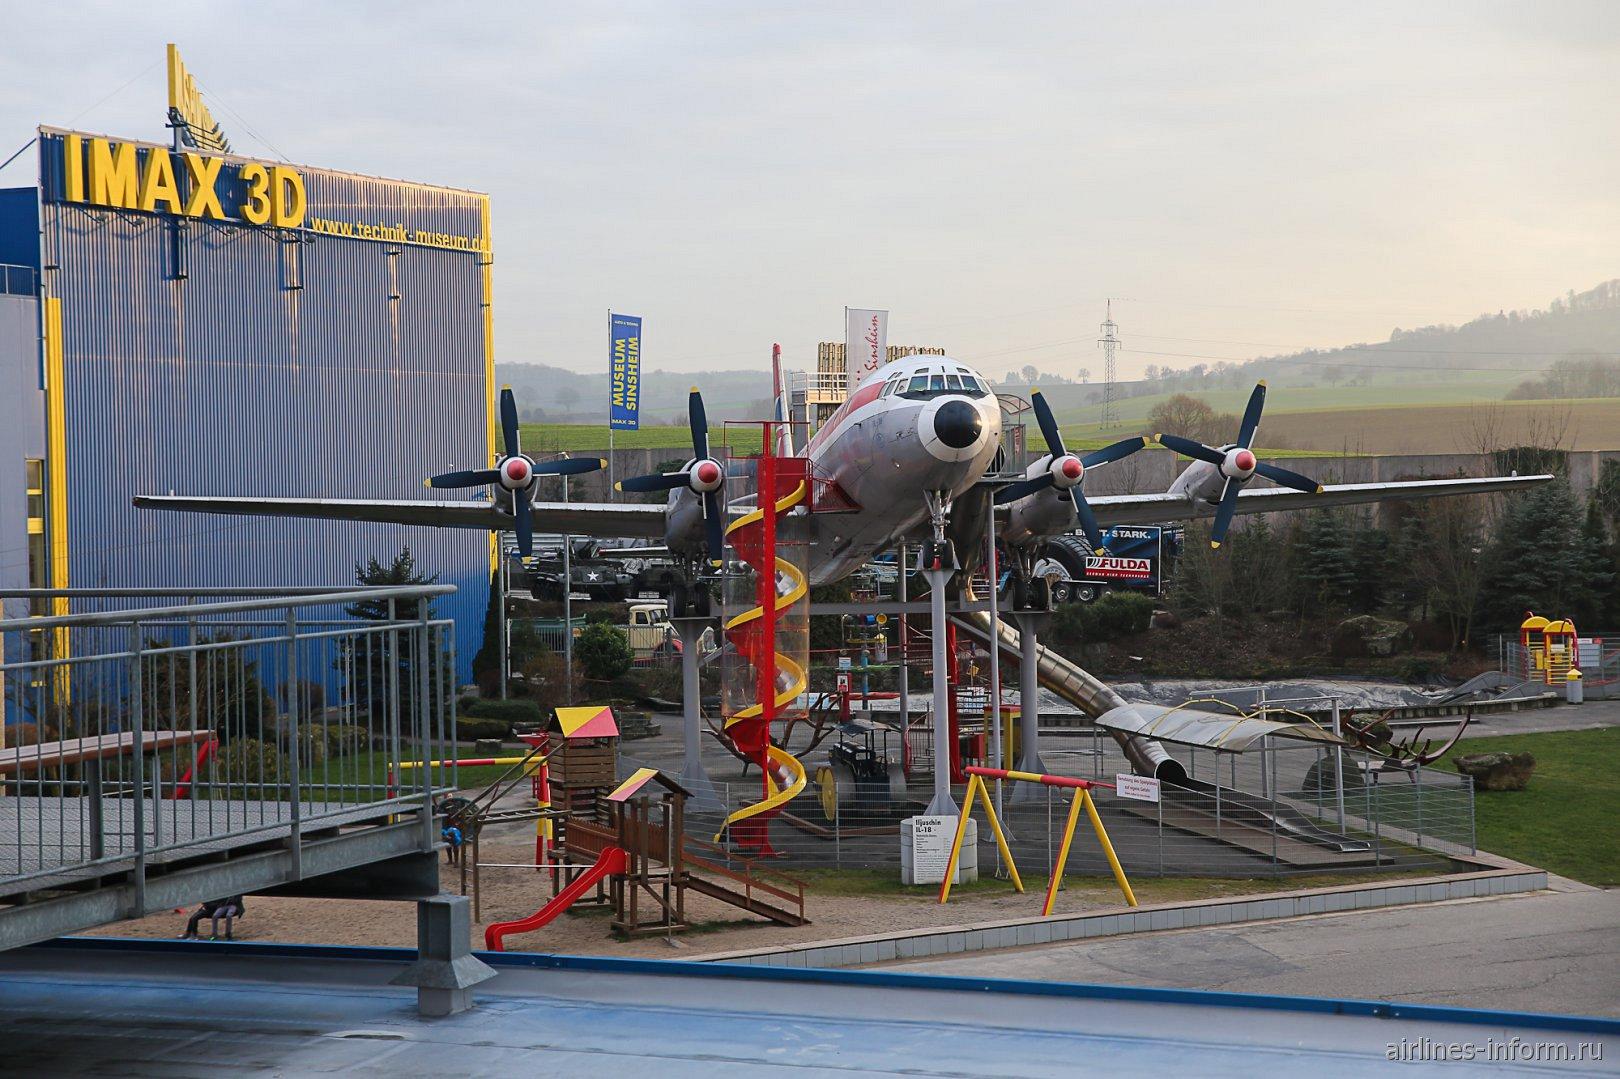 Самолет Ил-18 в музее техники в Зинсхайме